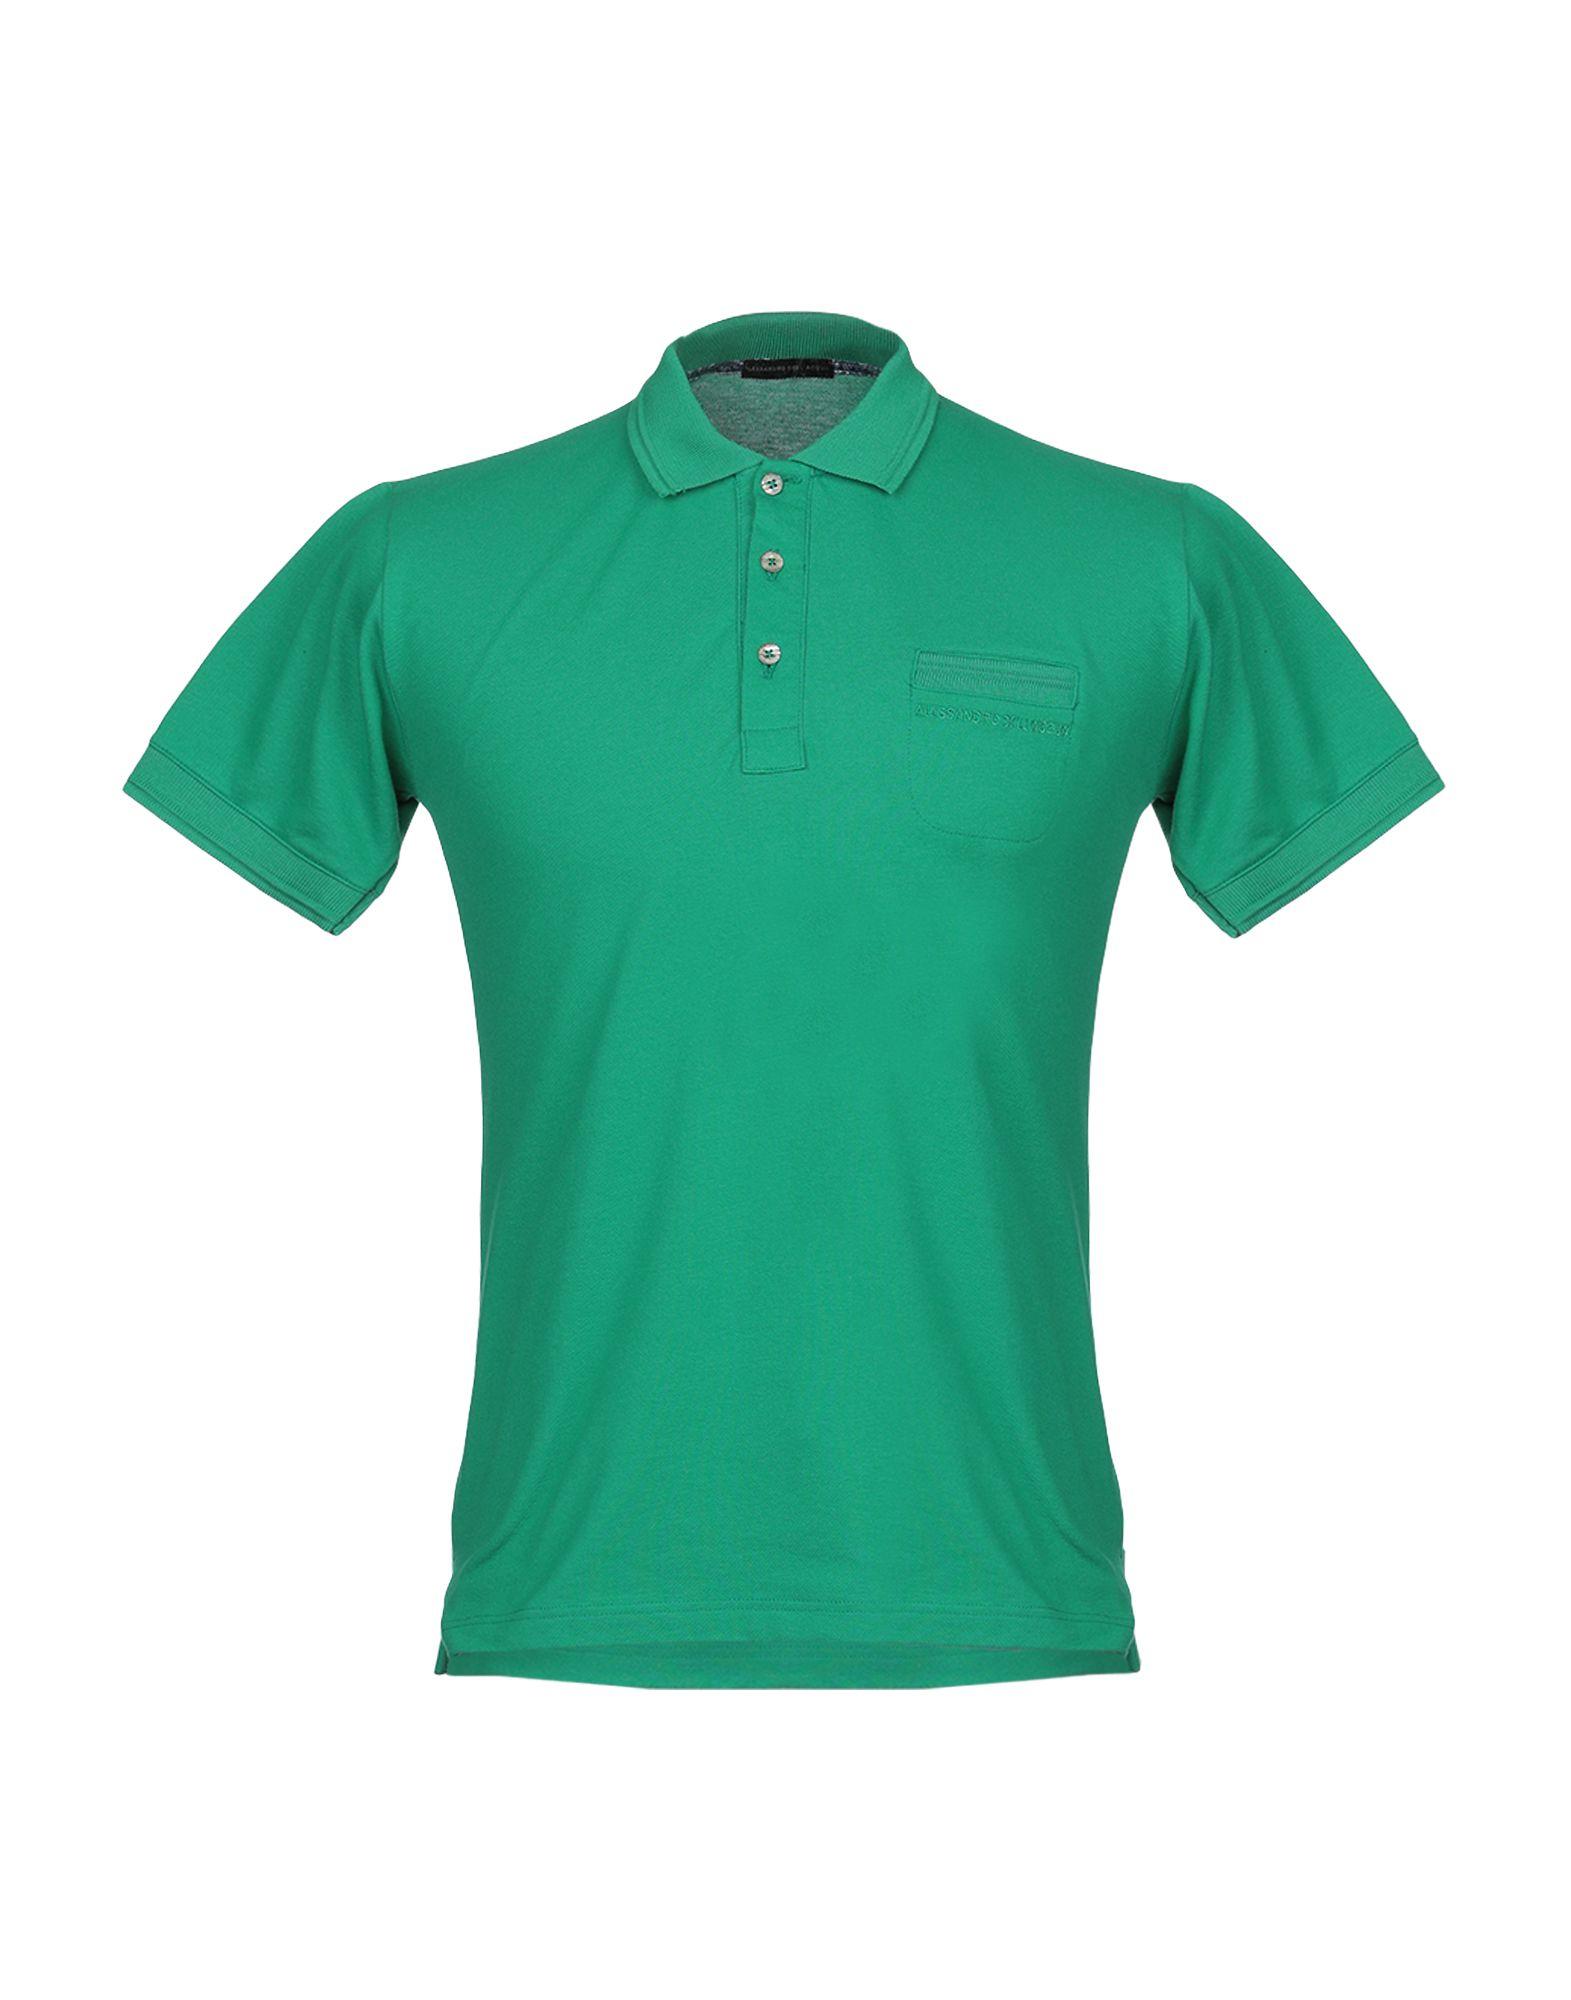 《セール開催中》ALESSANDRO DELL'ACQUA メンズ ポロシャツ グリーン M コットン 100%